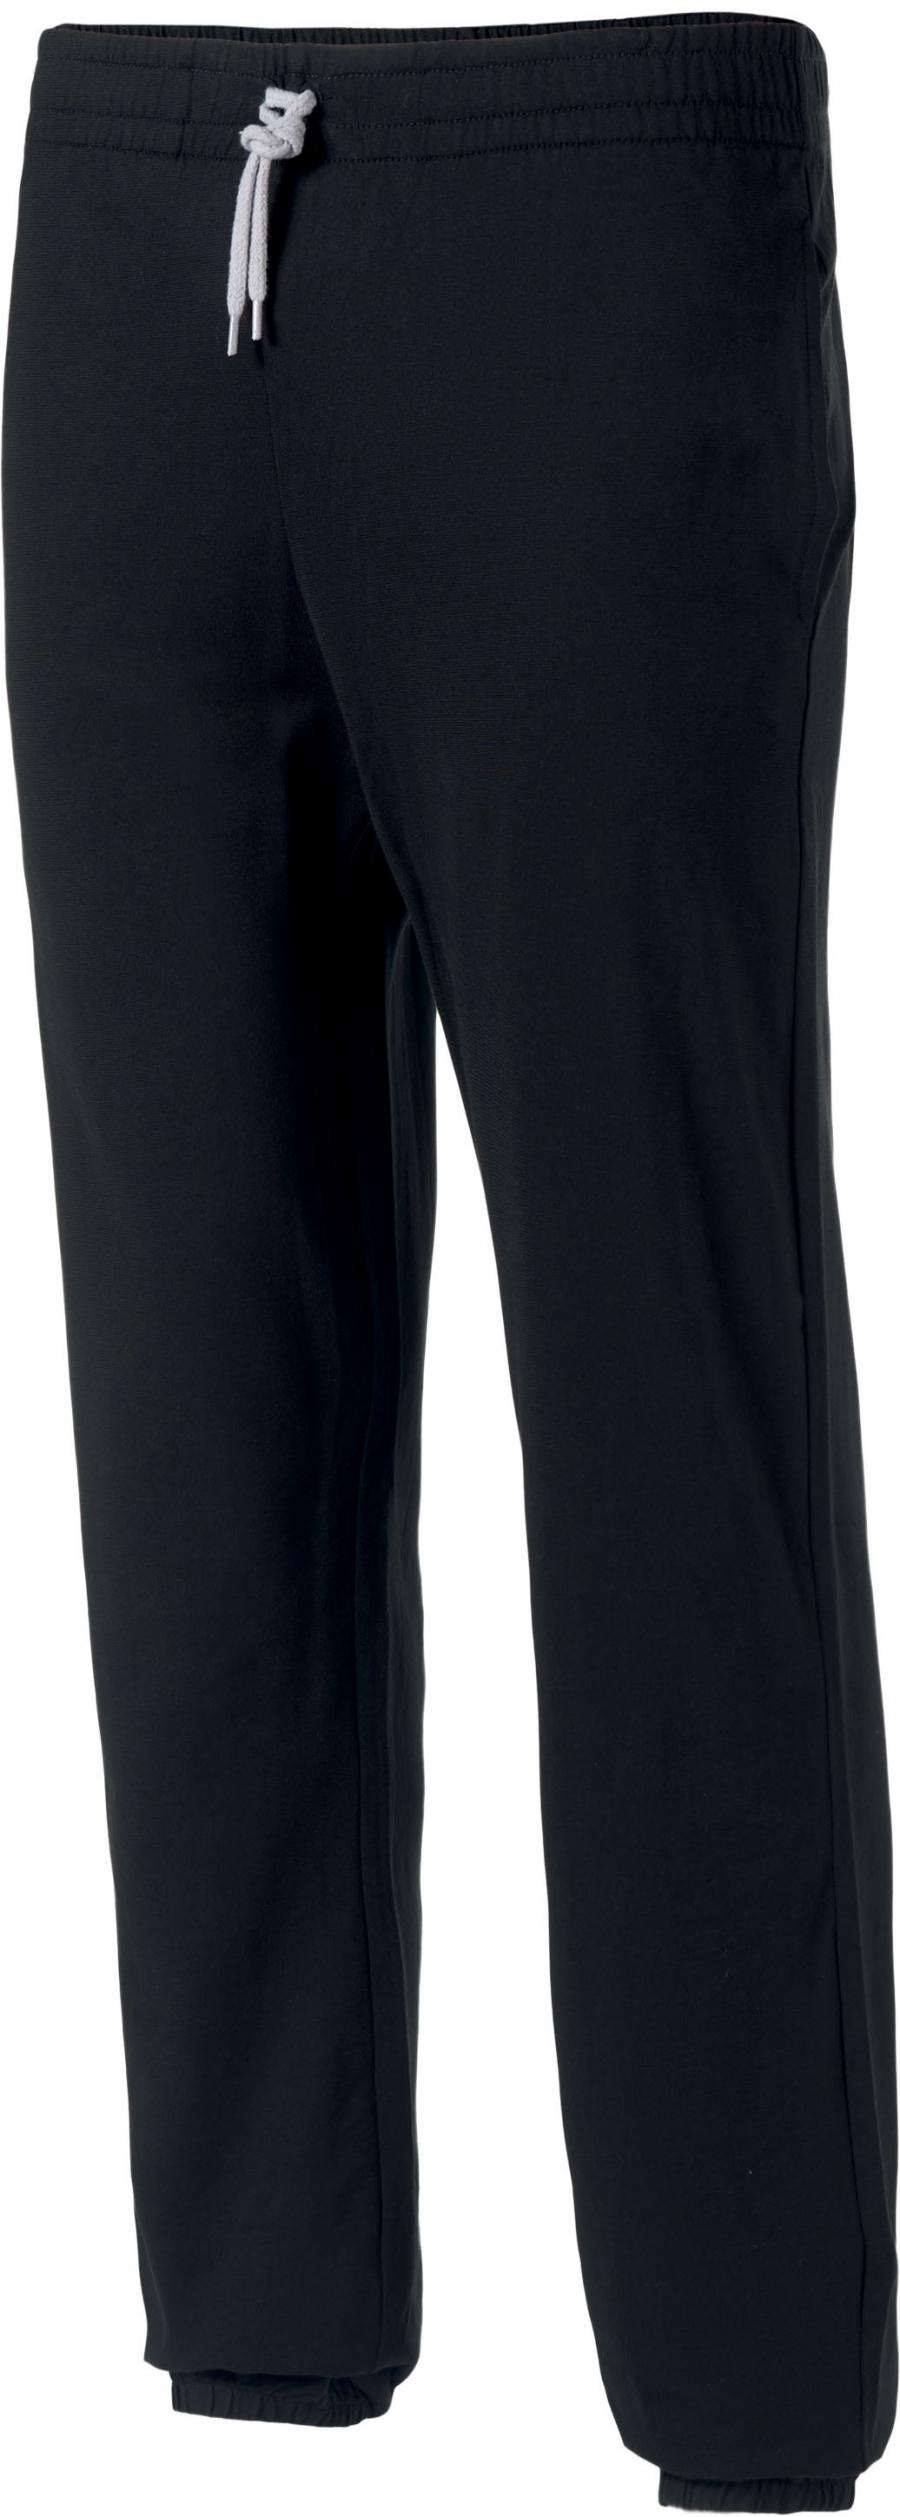 Pantalon de jogging en coton léger unisexe - 2-1370-3